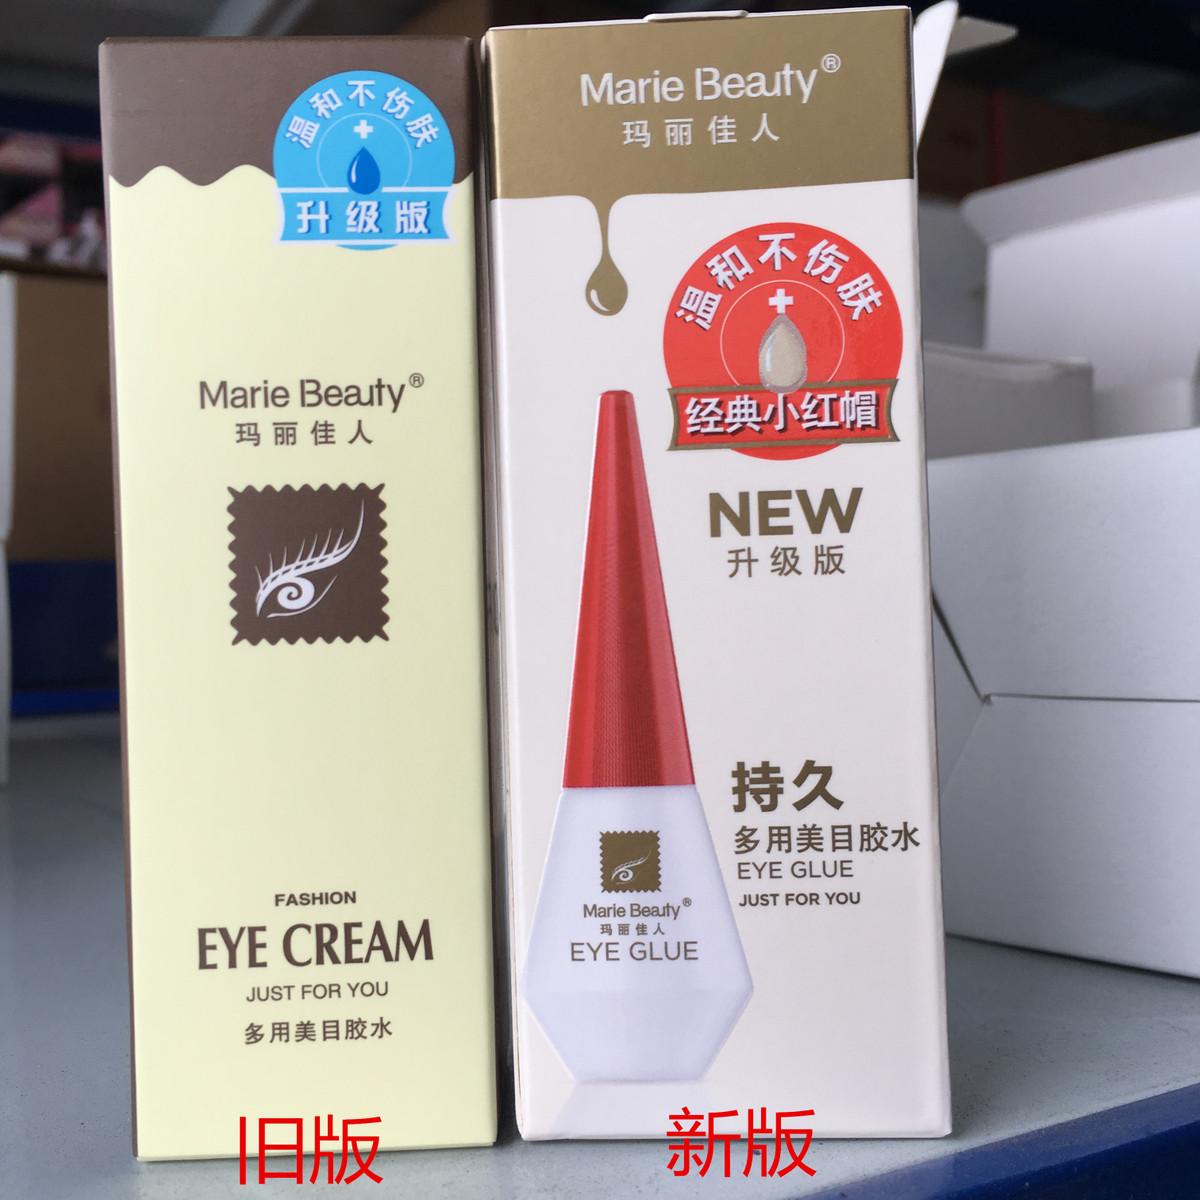 包邮带防伪玛丽佳人 双眼皮胶水 防过敏假睫毛胶水-红盖白胶 新版